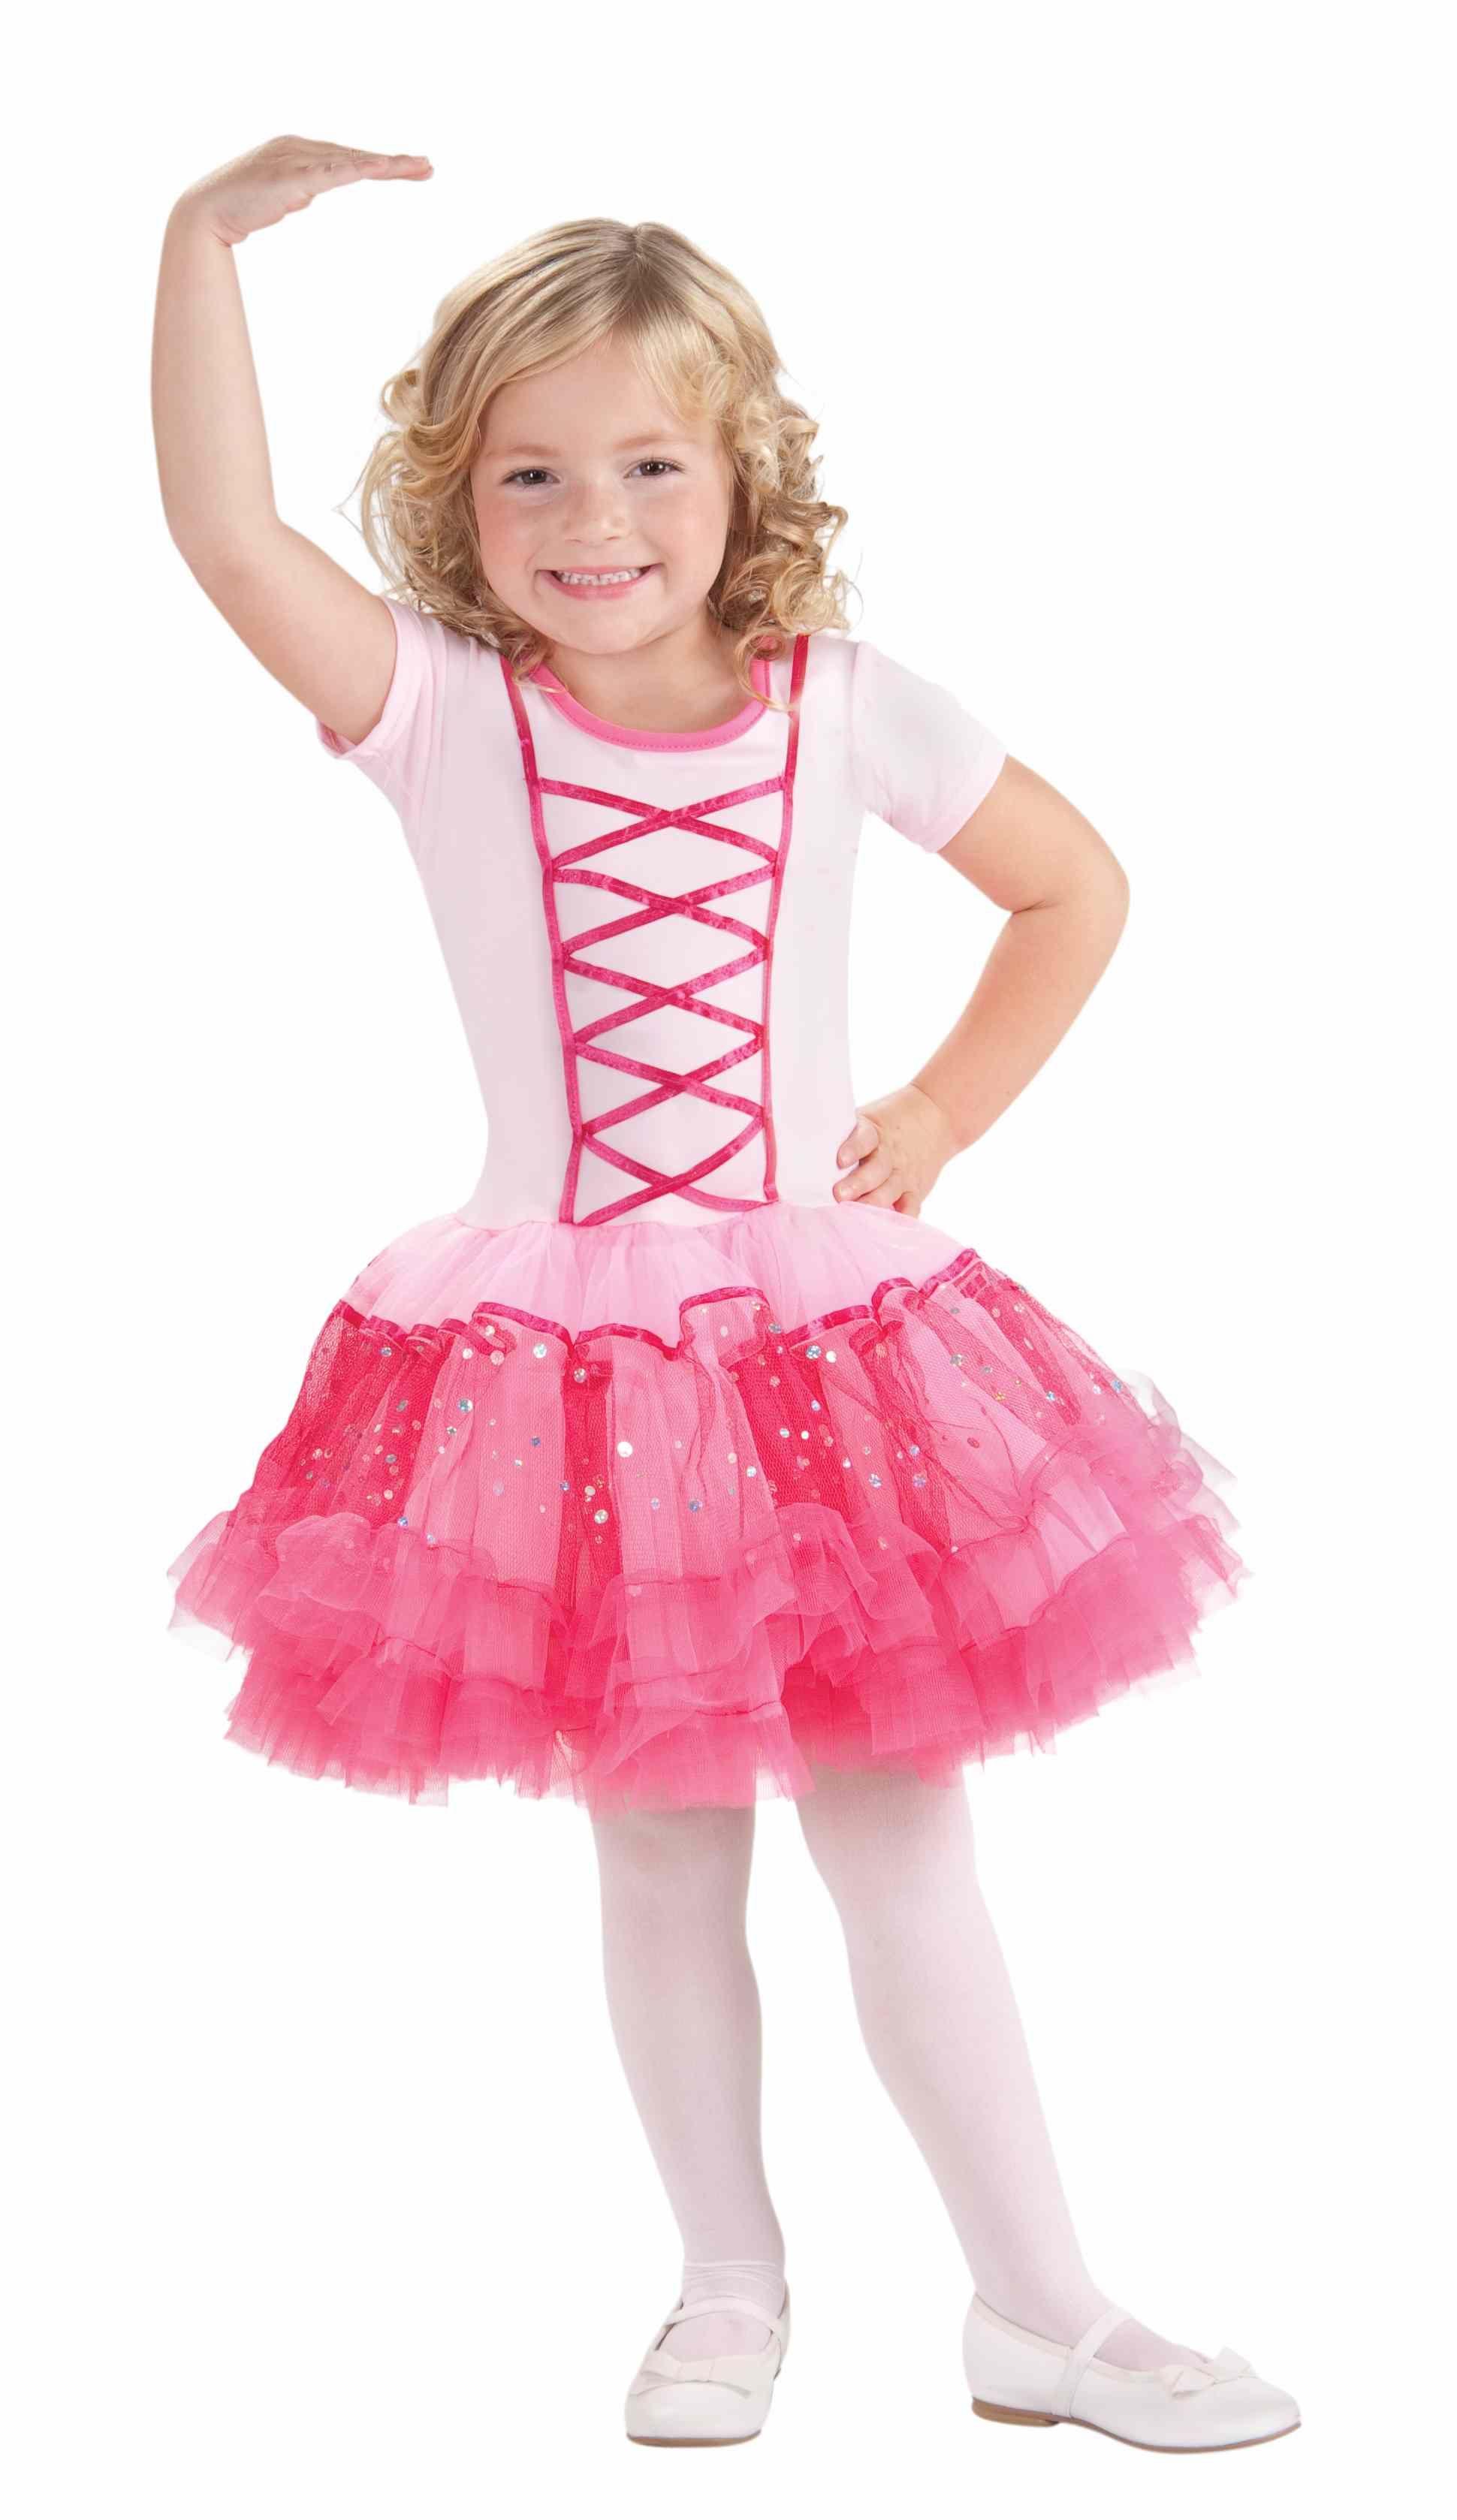 8790dde59dcd Ballerina Costume